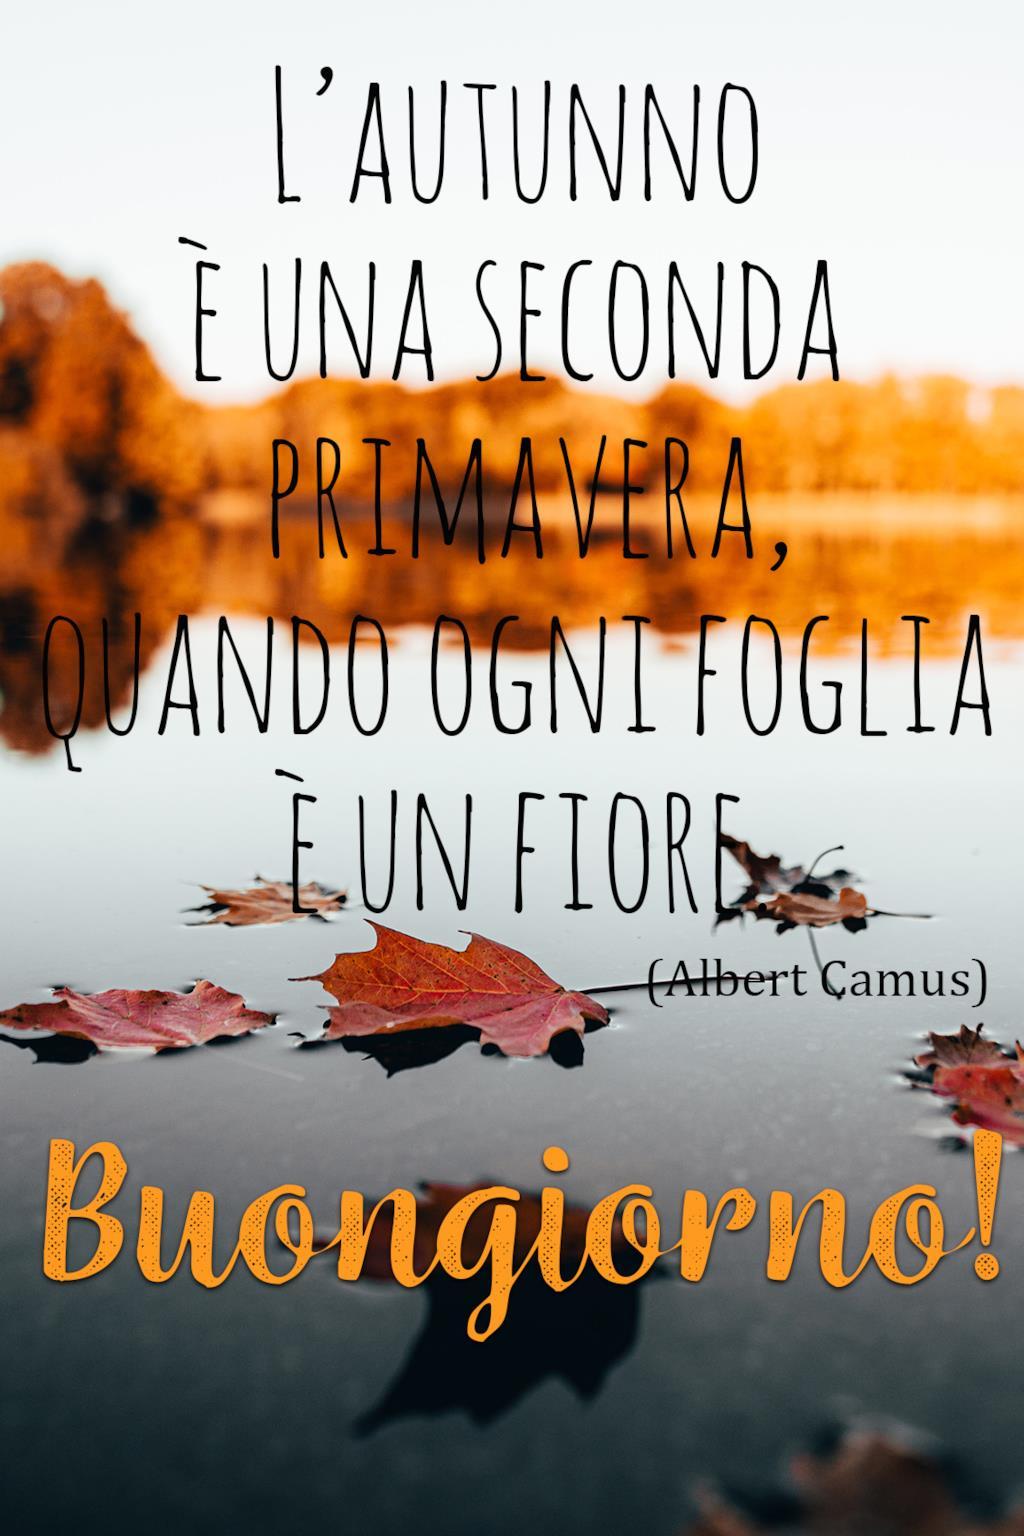 Buon giorno autunno immagini e frasi